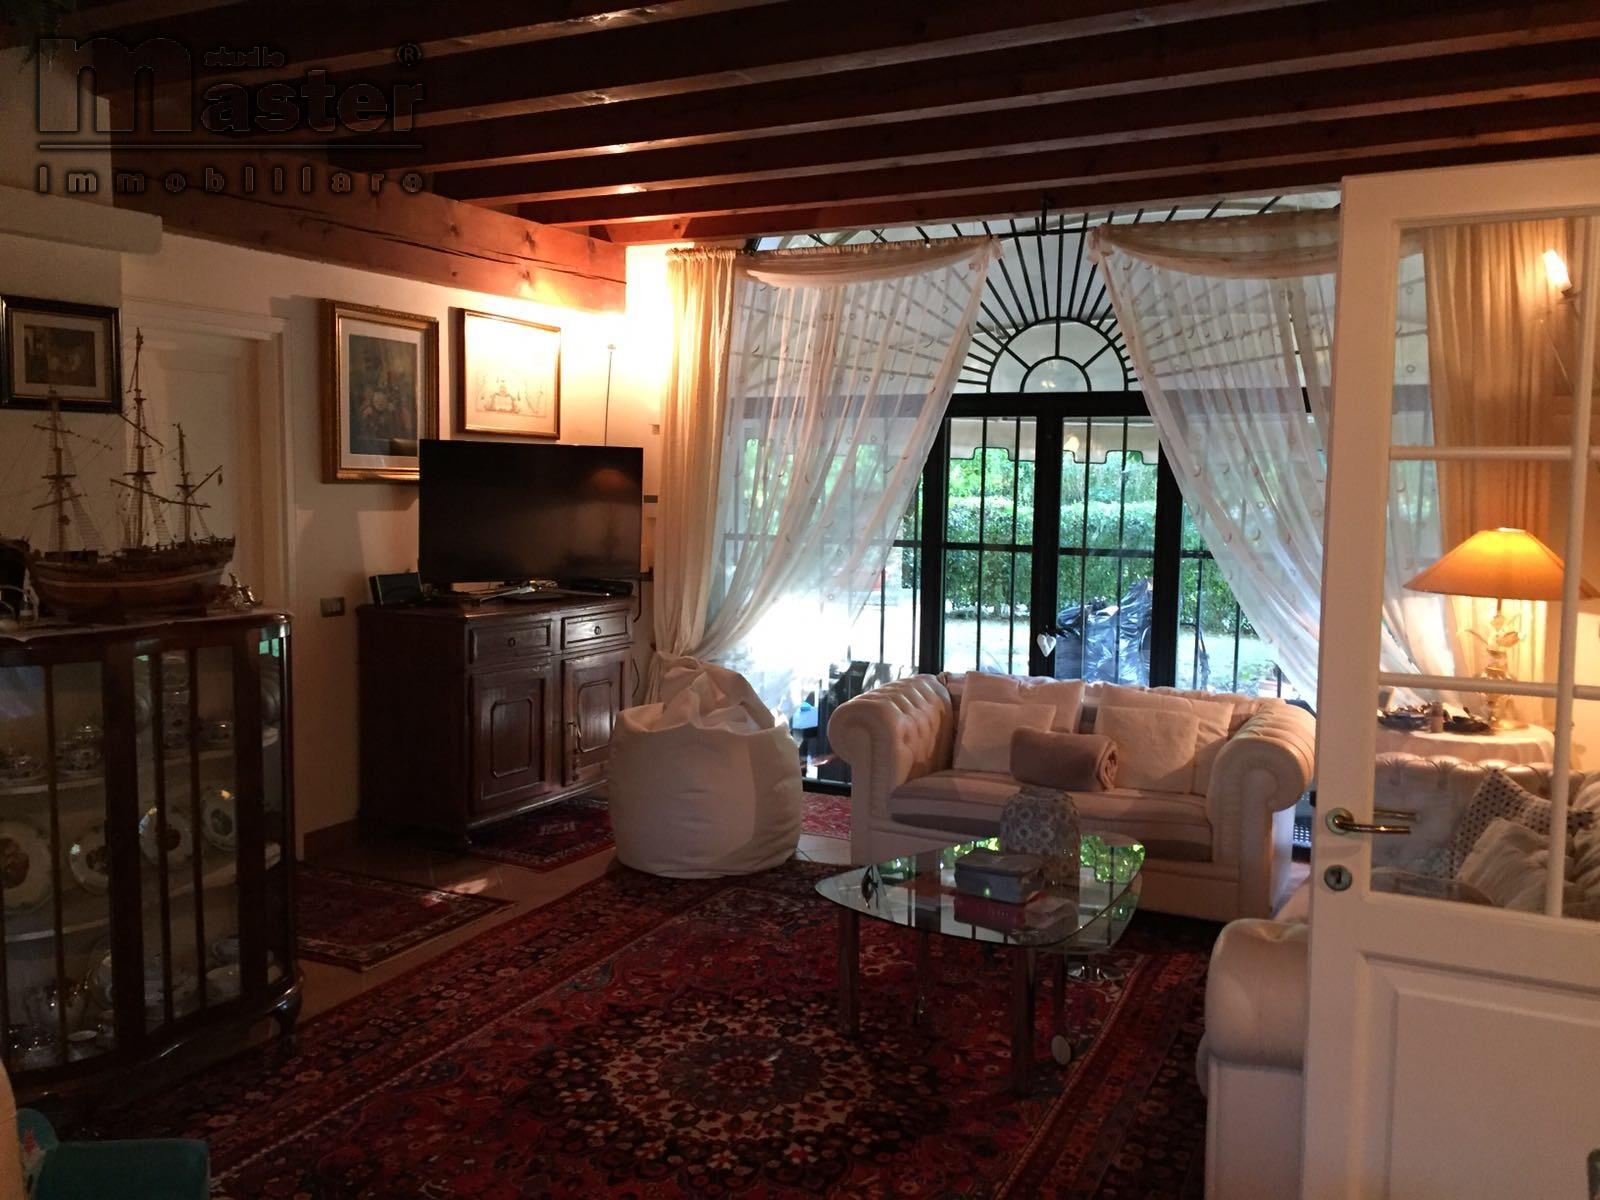 Villa in affitto a Roncade, 5 locali, zona Zona: Musestre, prezzo € 2.000 | CambioCasa.it